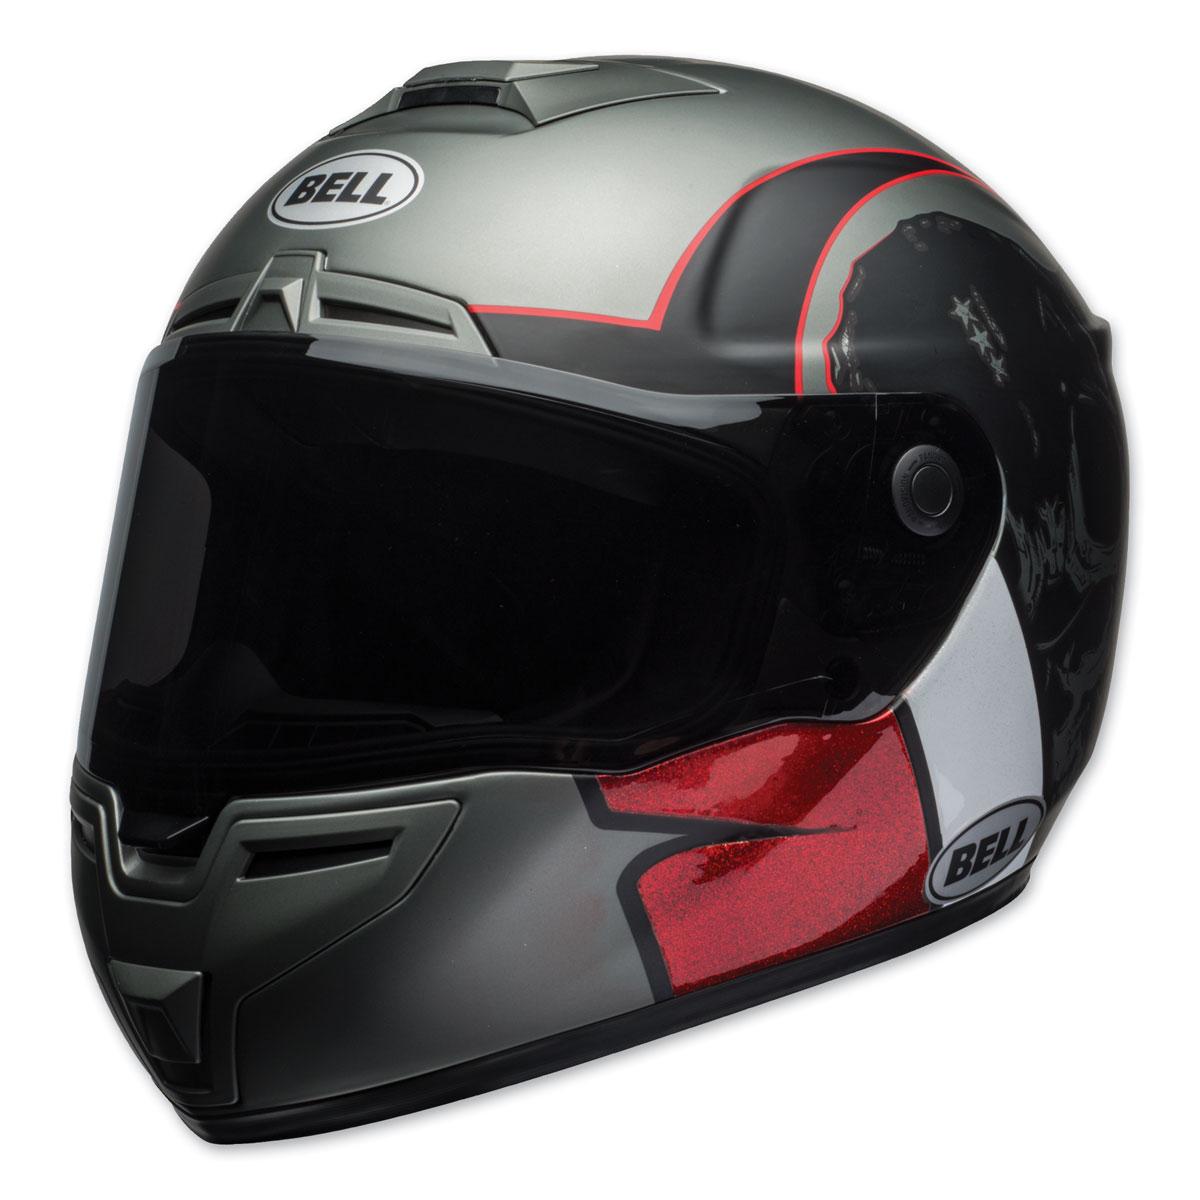 Bell SRT Hart Luck Skull Full Face Helmet